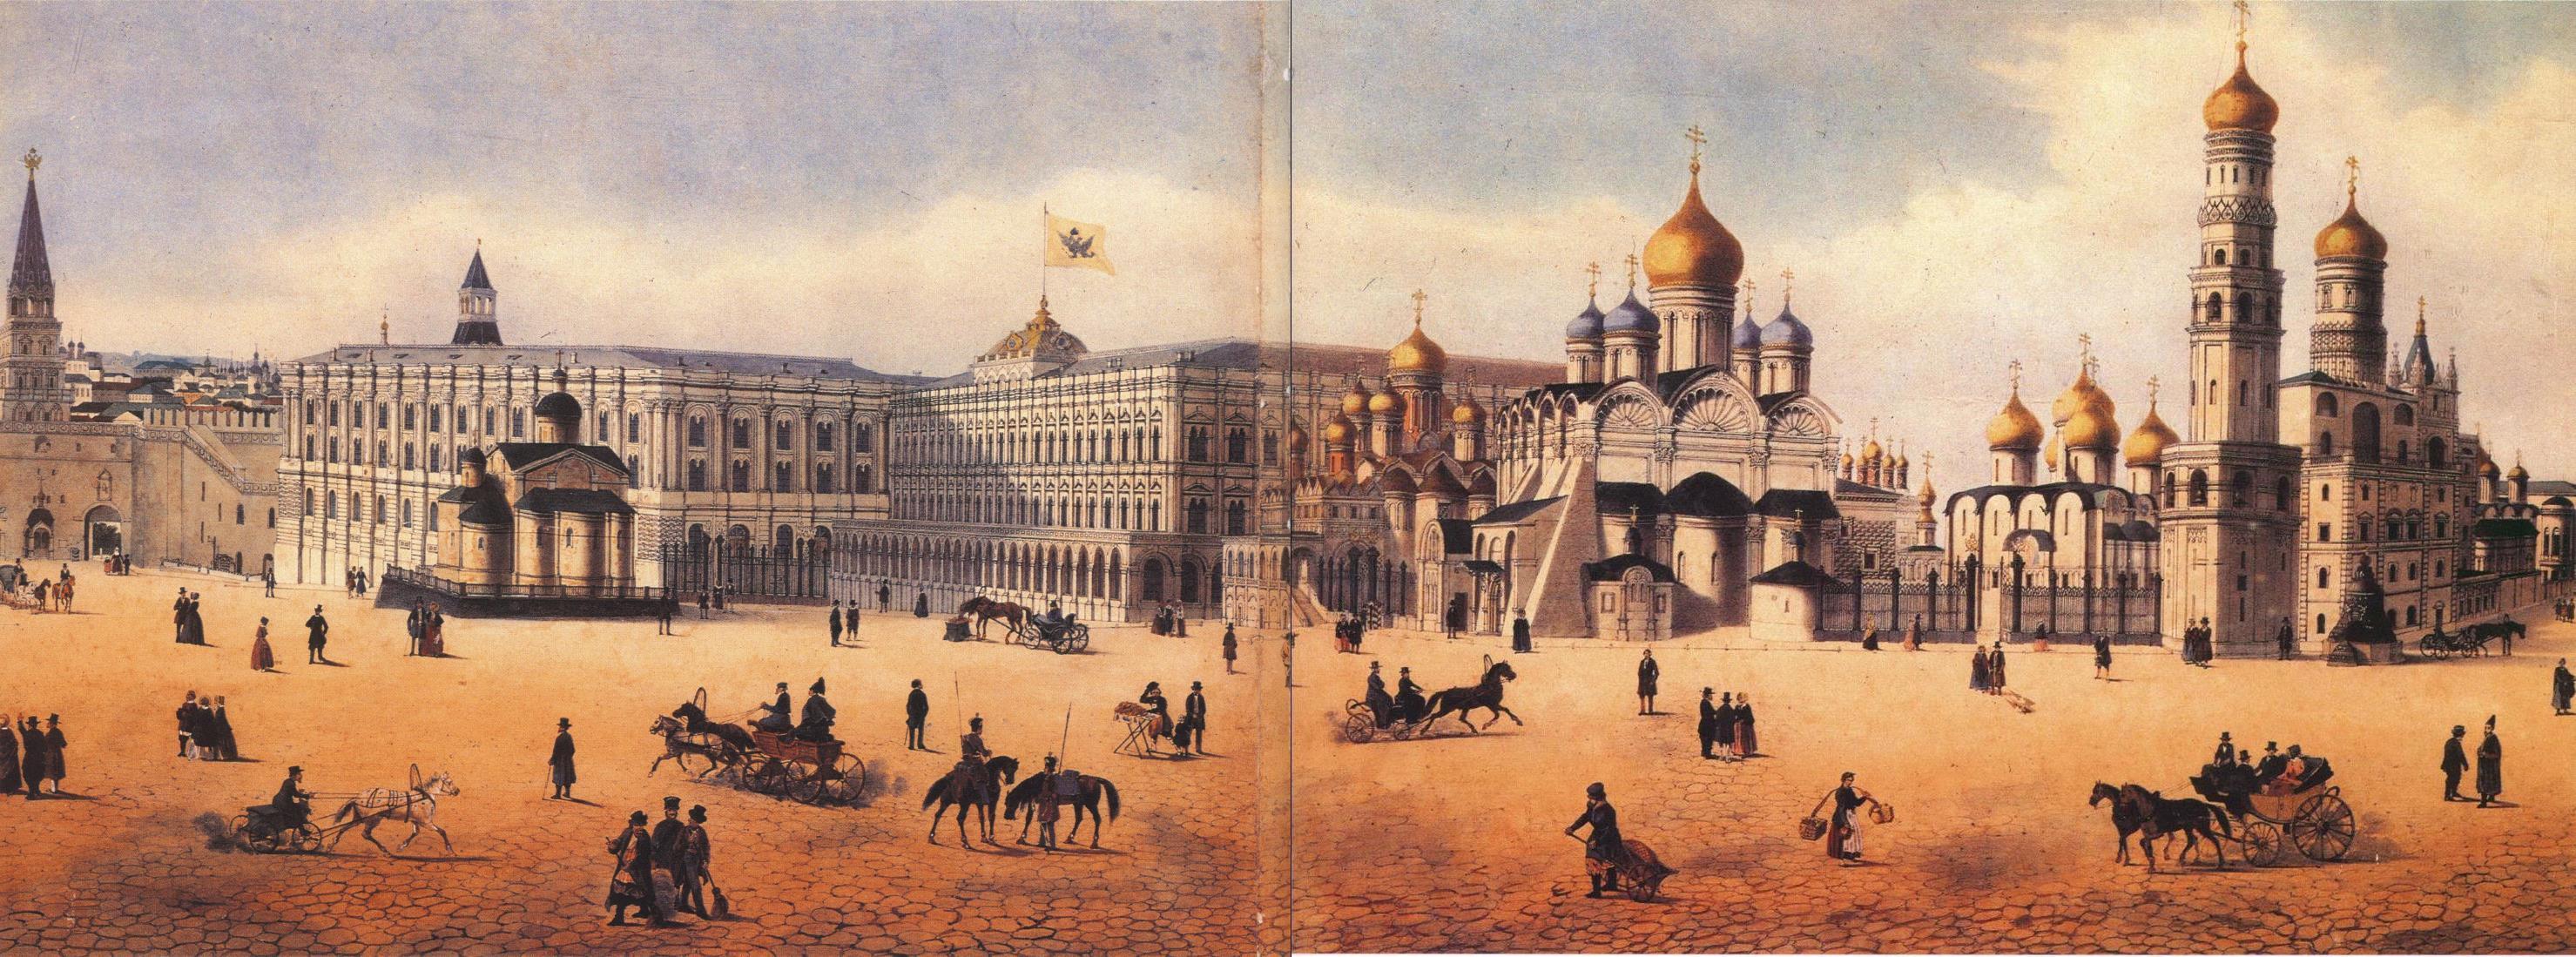 1850-е. Панорама Кремля и Замоскворечья от Тайницкой башни4